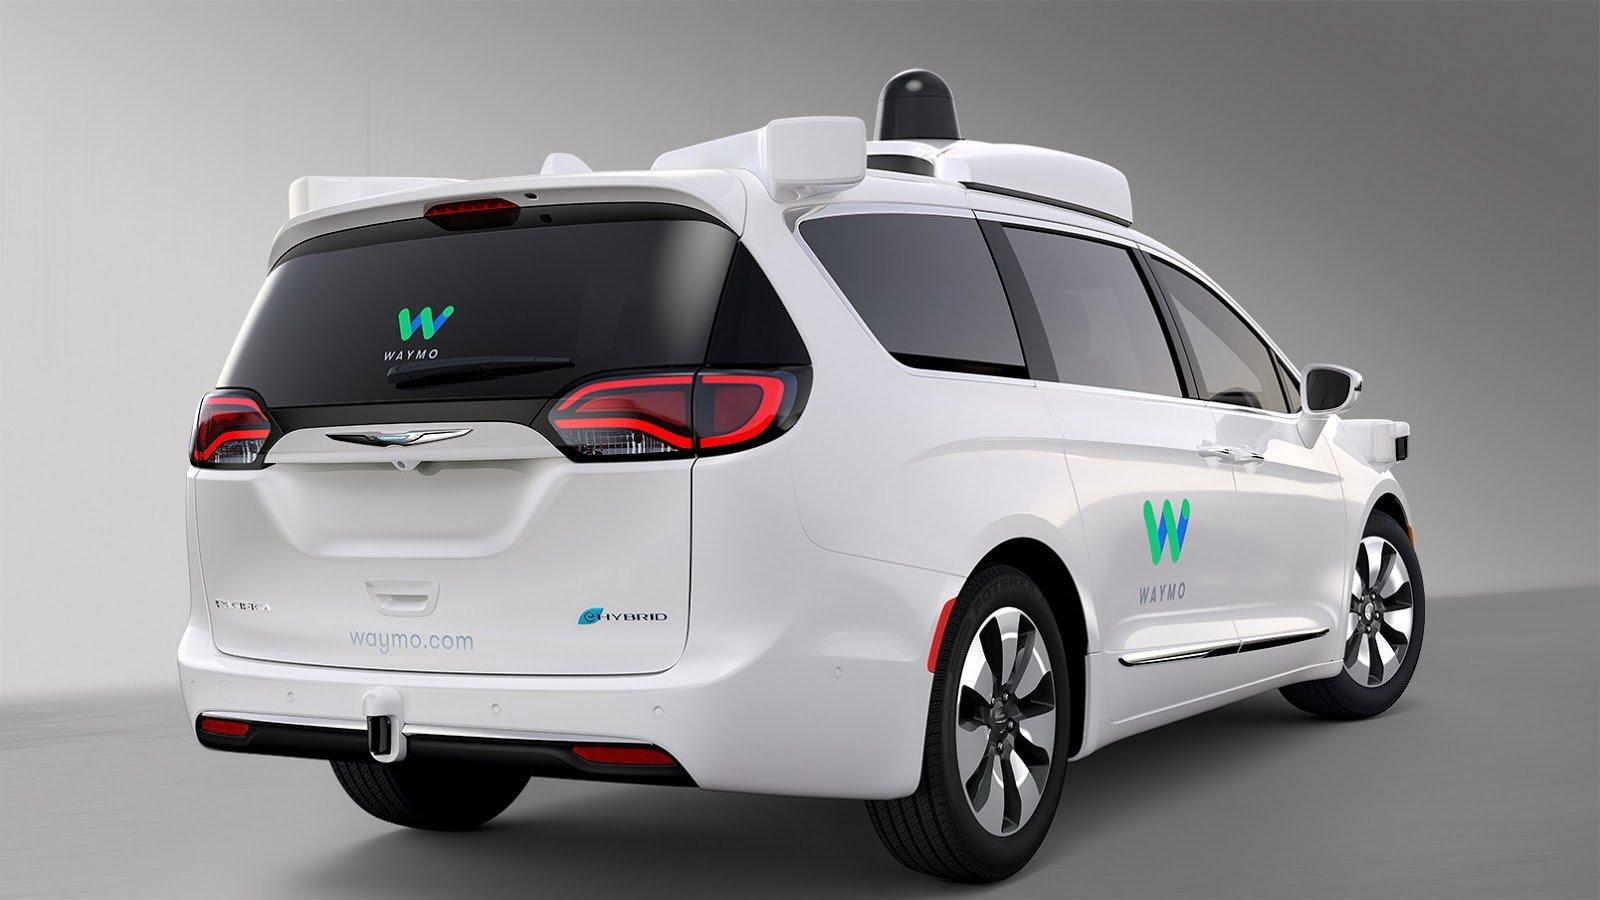 Autonomní vozidlo společnosti Waymo